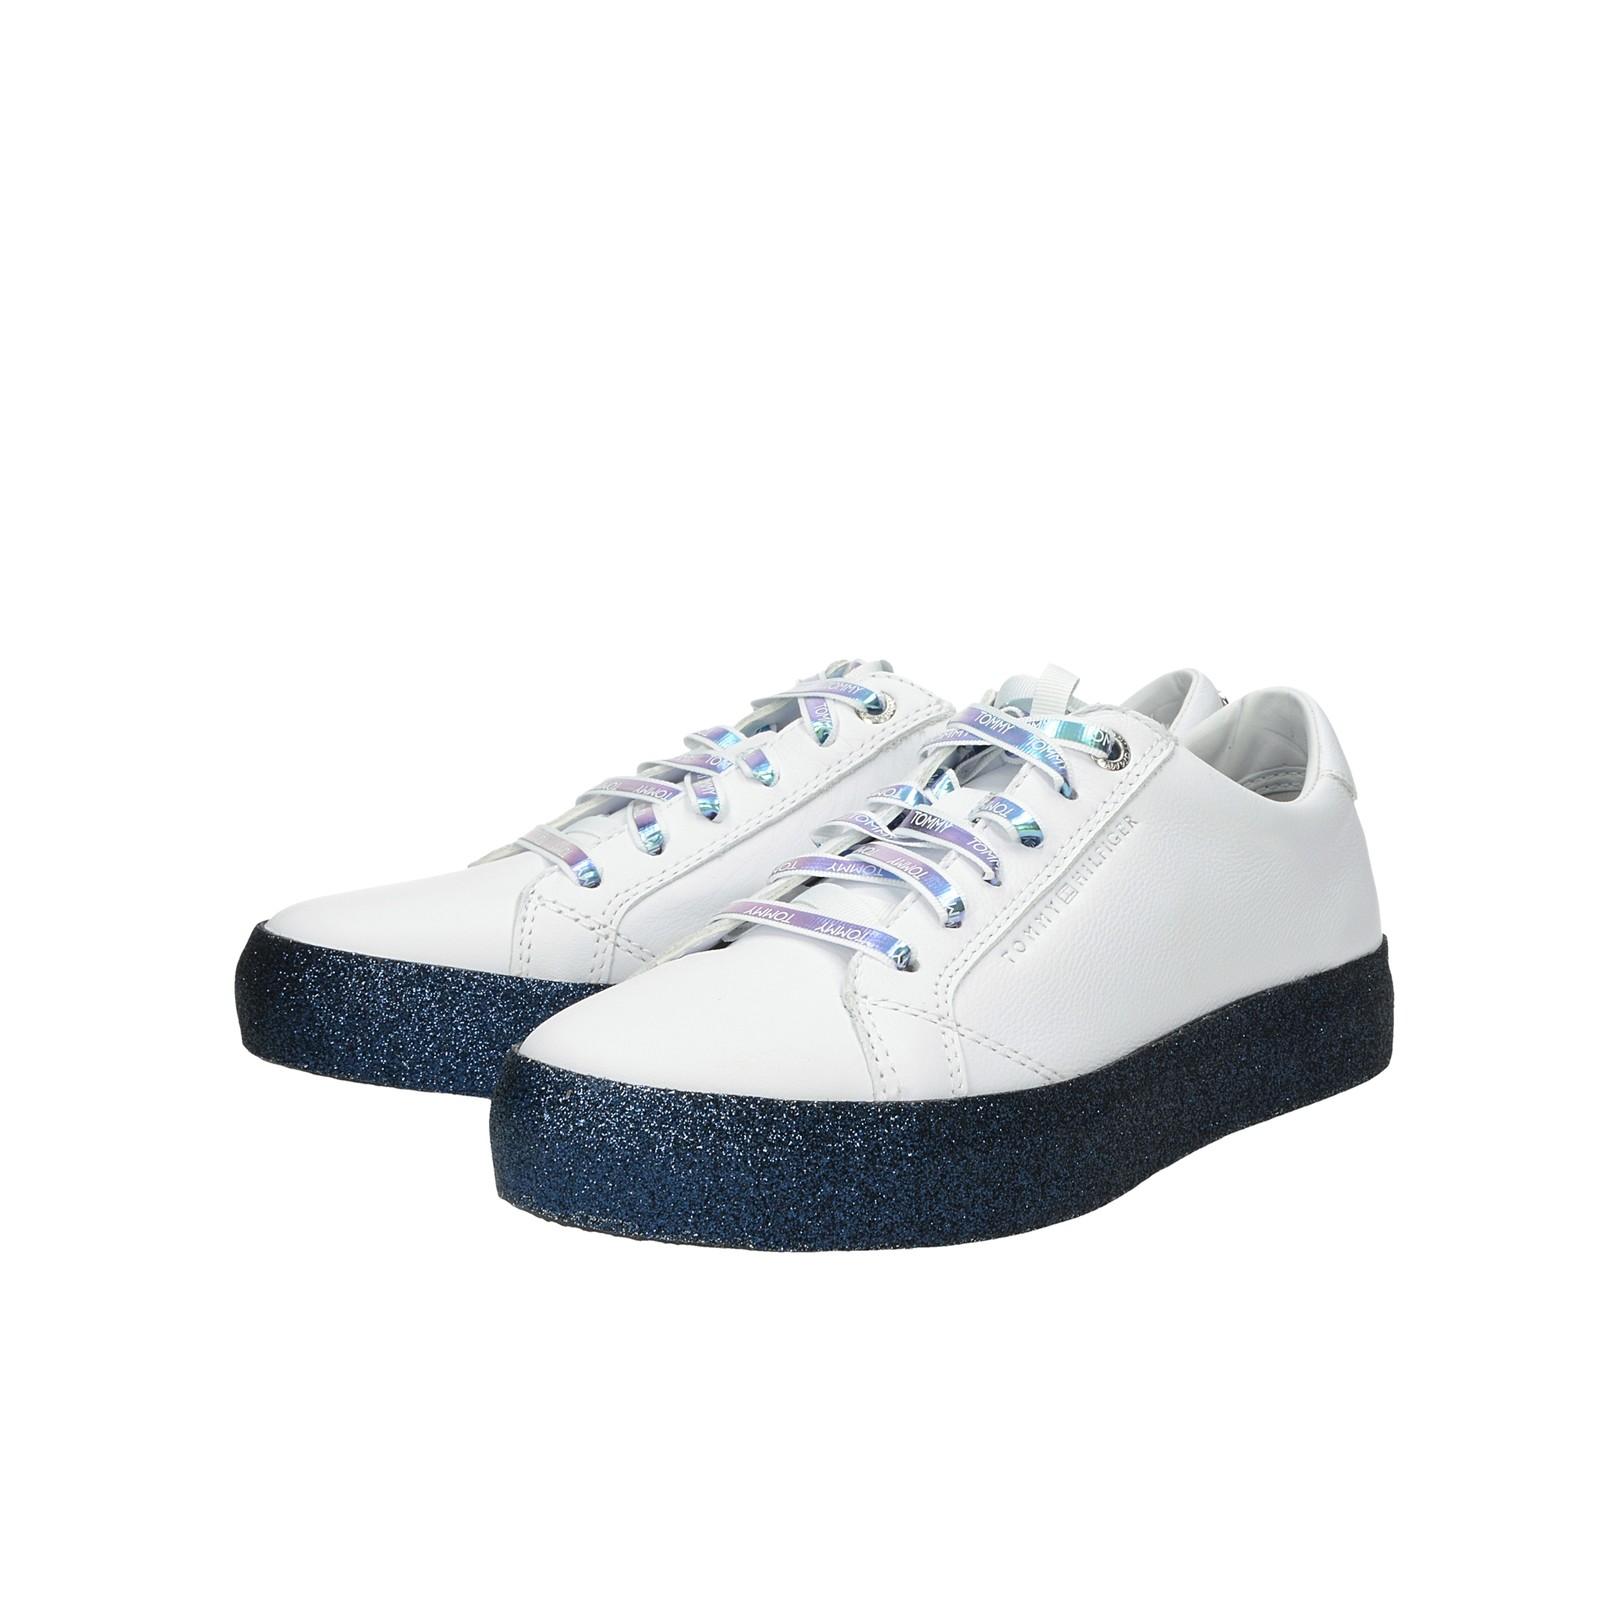 d3232e1fea Tommy Hilfiger dámské stylové tenisky na platformě - bílé ...